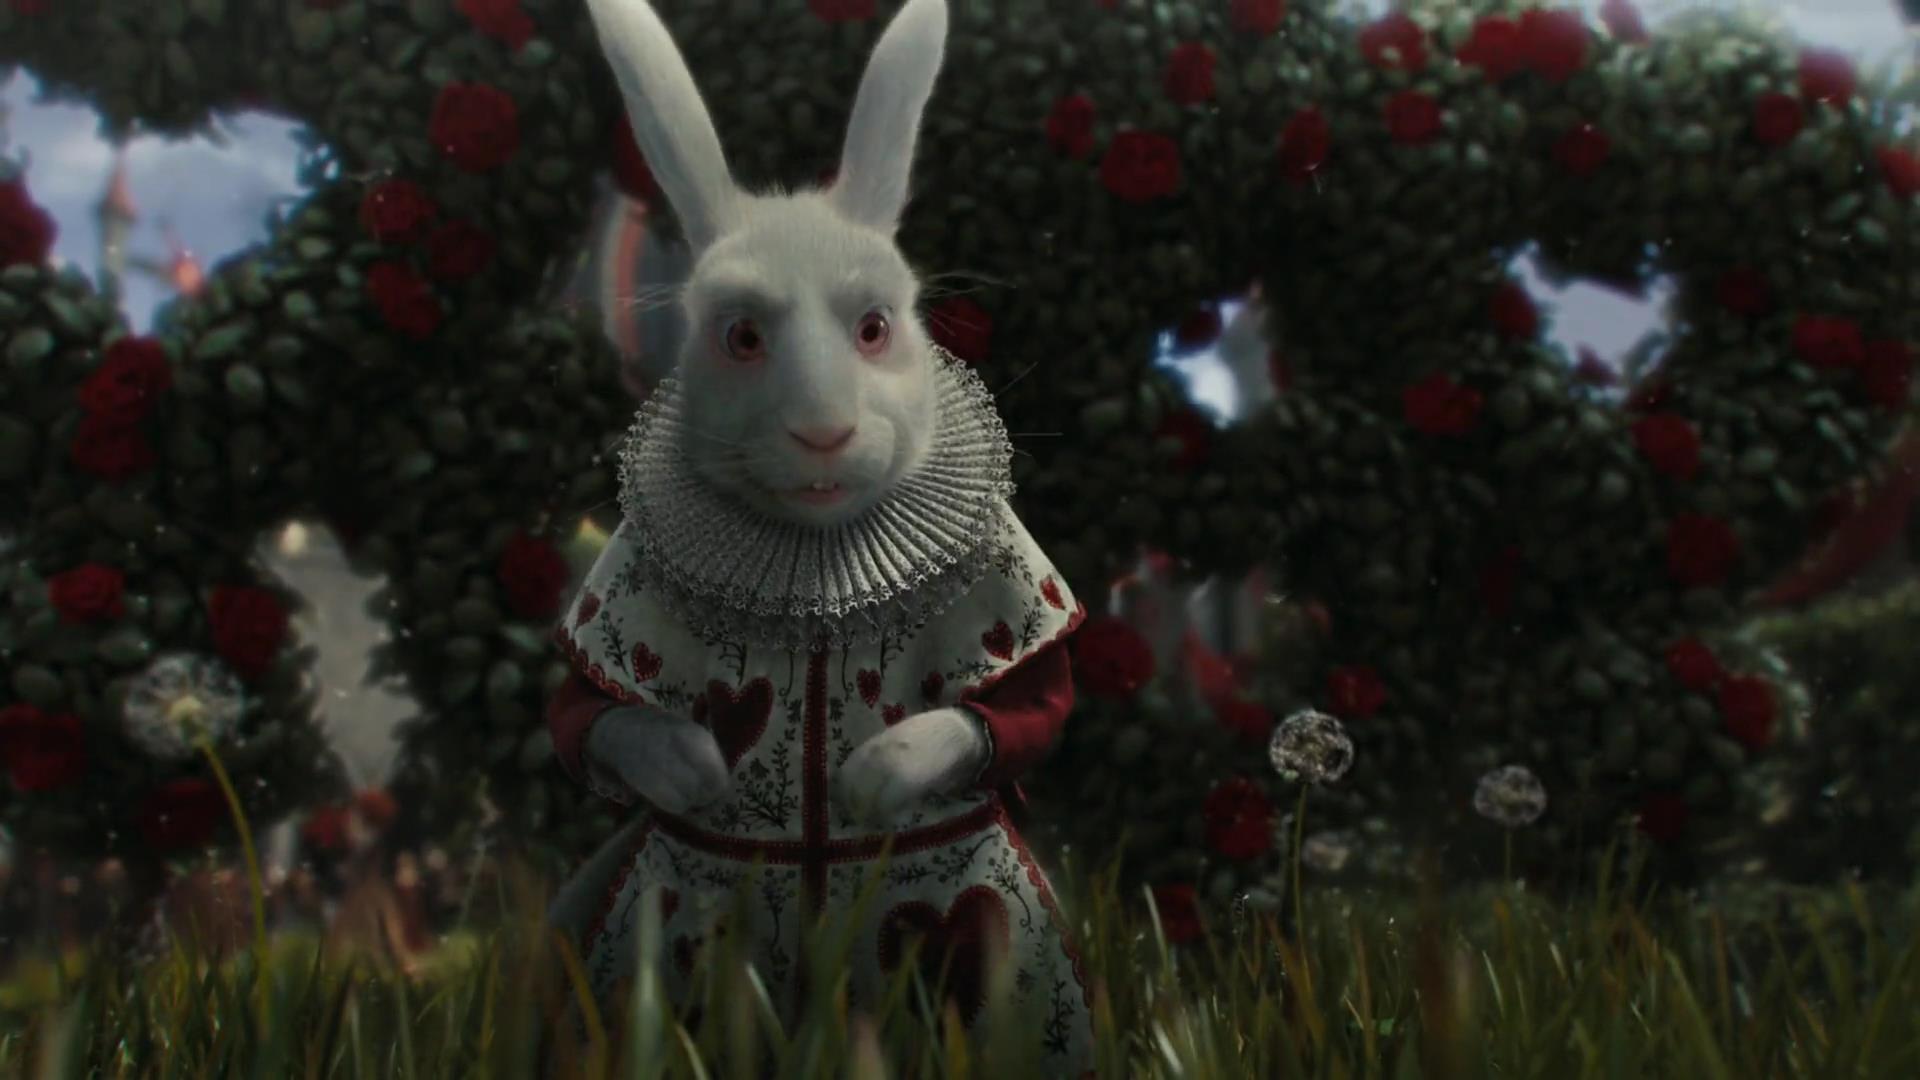 Le lapin blanc personnage dans alice au pays des merveilles film 2010 - Lapin d alice au pays des merveilles ...